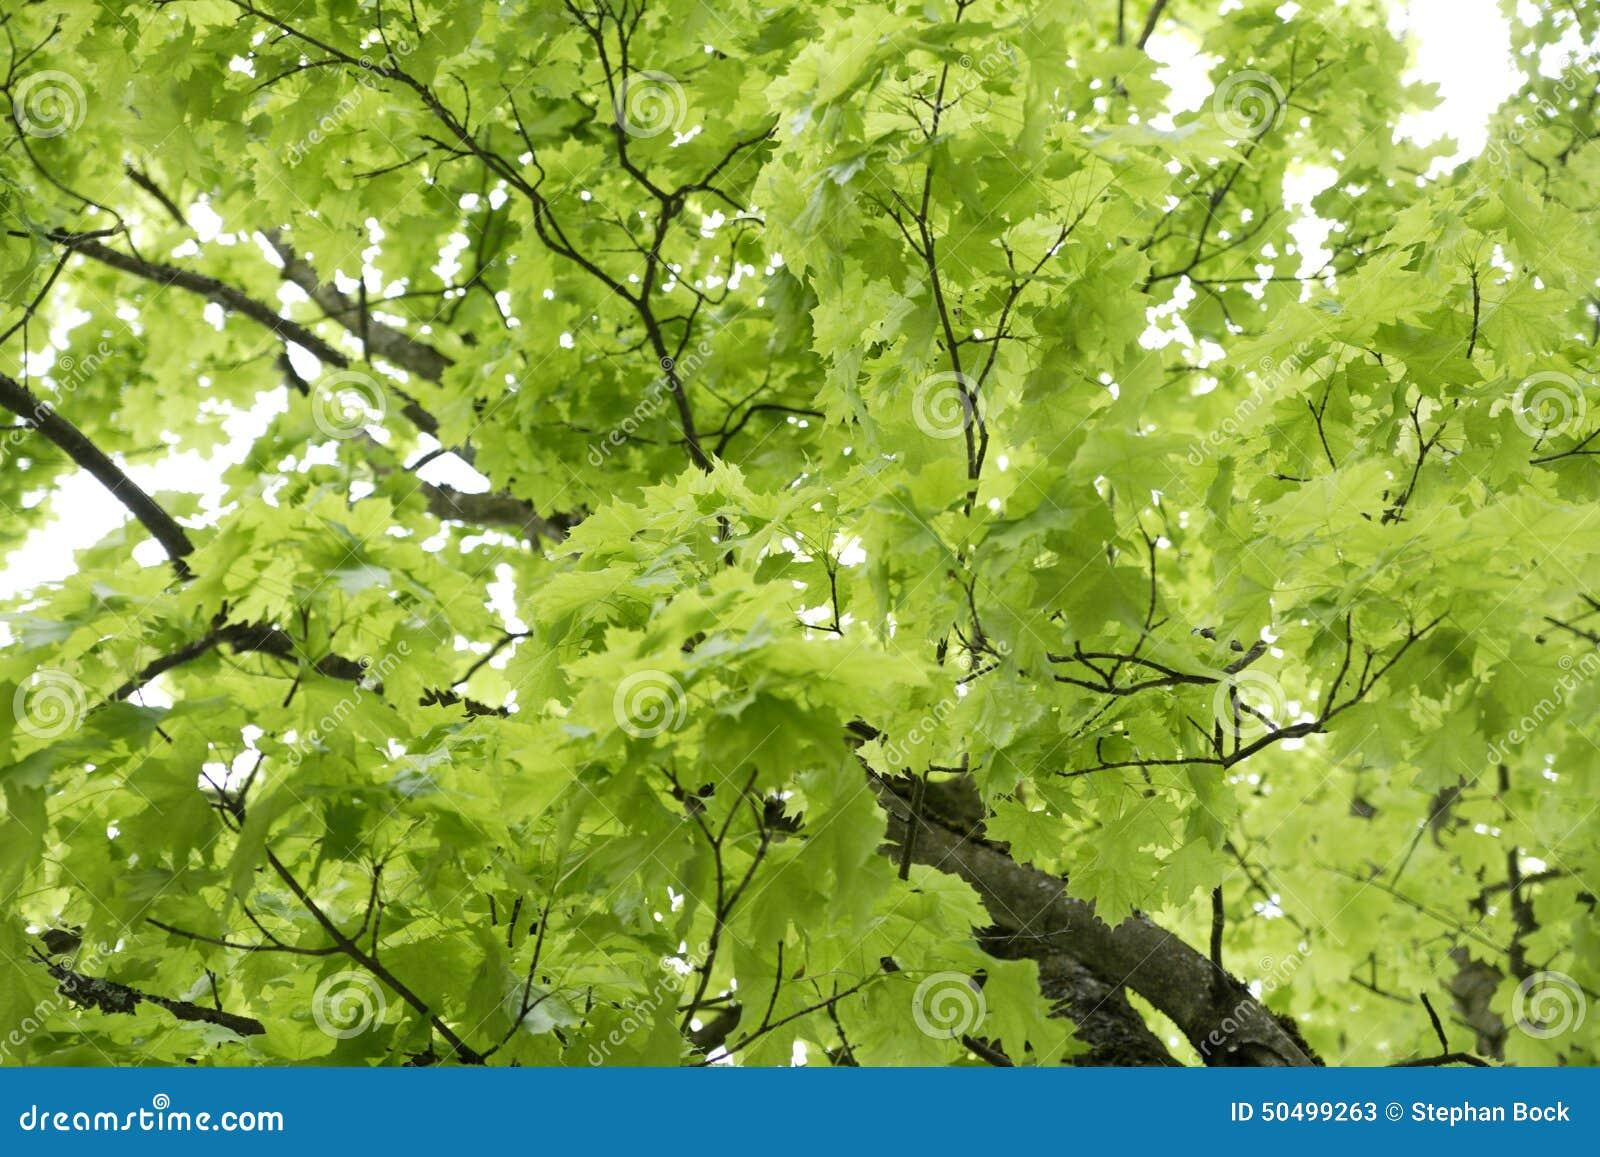 La germania baviera ebenhausen foglie dell 39 acero riccio for Acero riccio